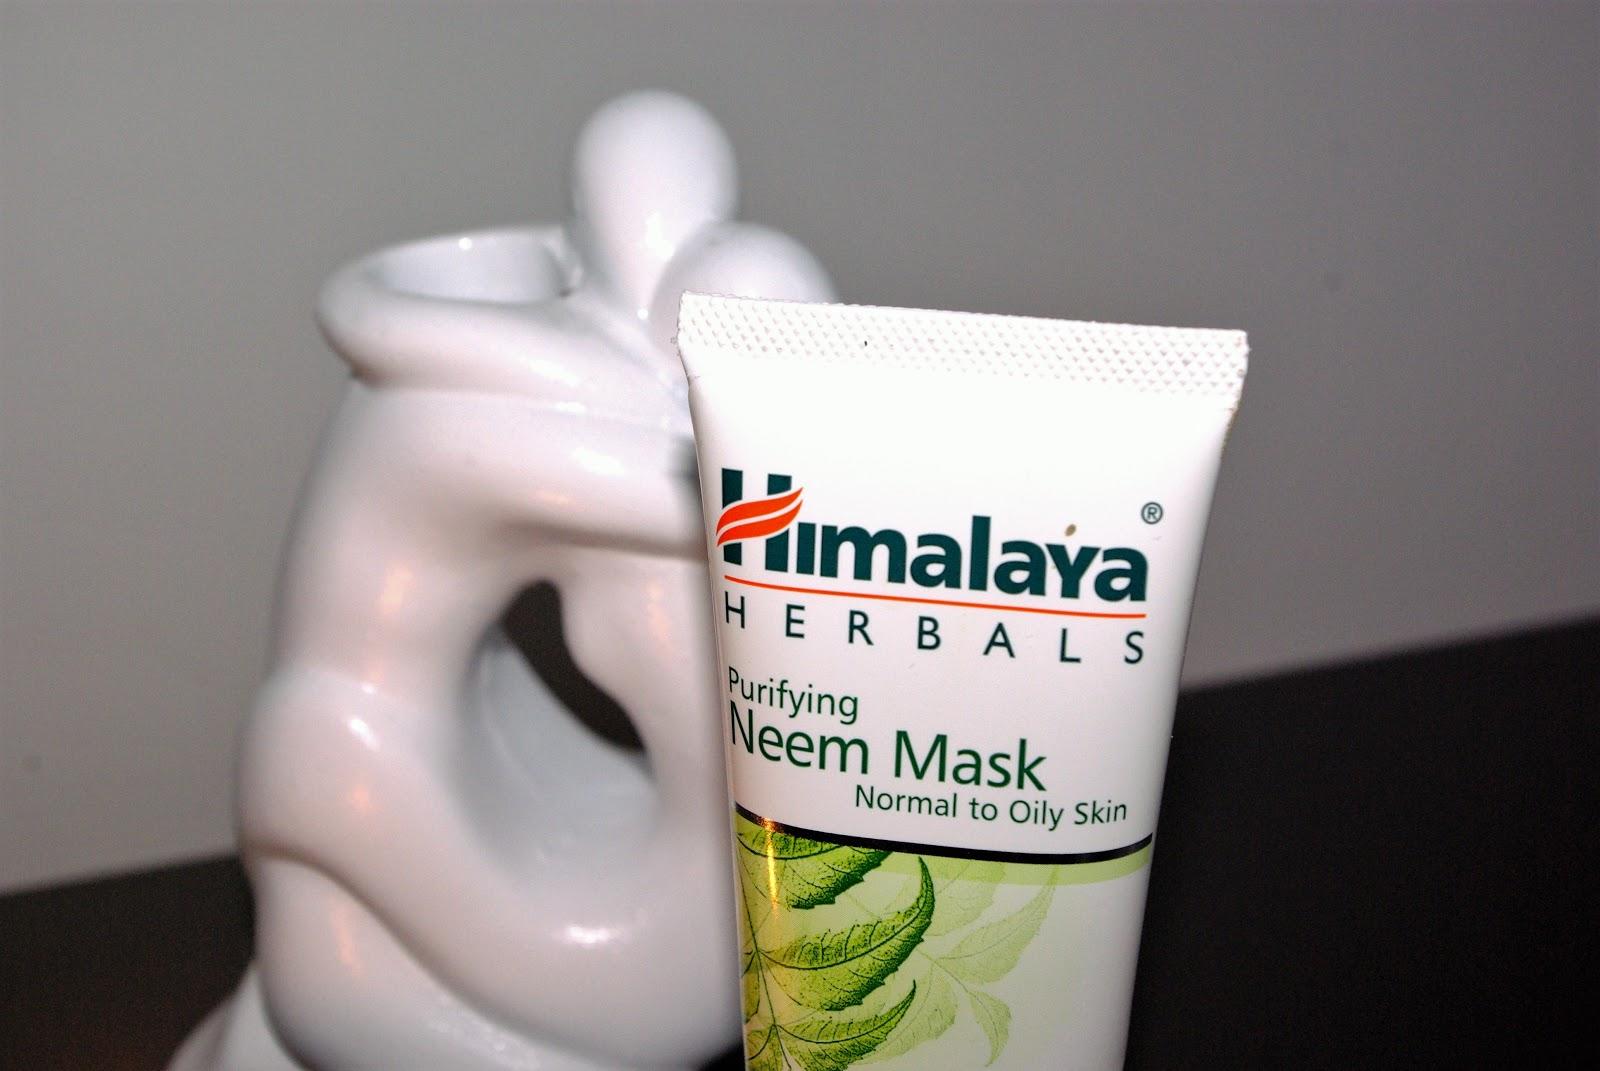 Maska do twarzy Himalaya Herbals.